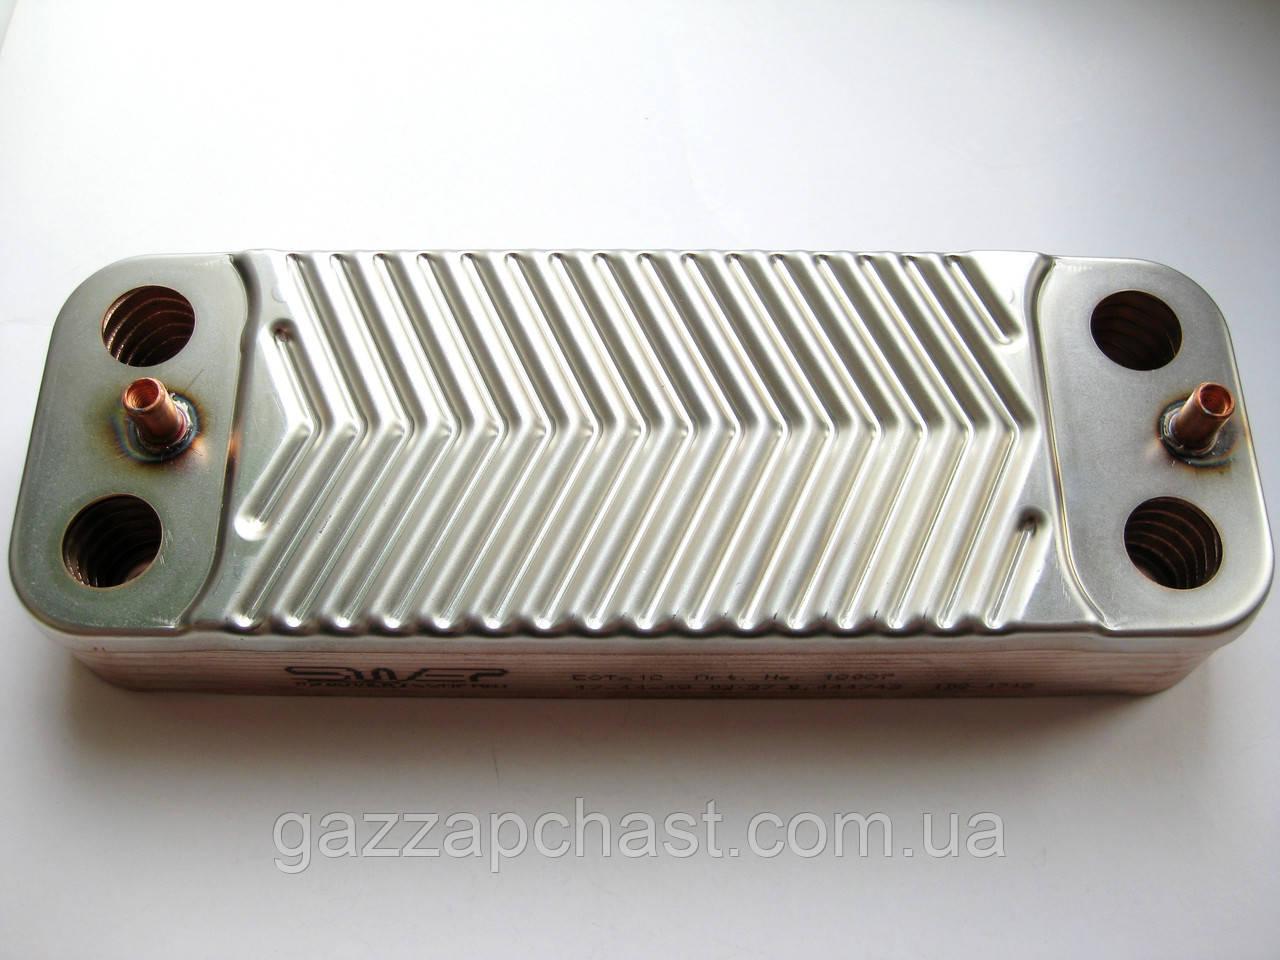 Теплообменник пластинчатый Saunier Duval Themaclassic, Combitek, Semia, Isotwin, Themacondens (S1005800)